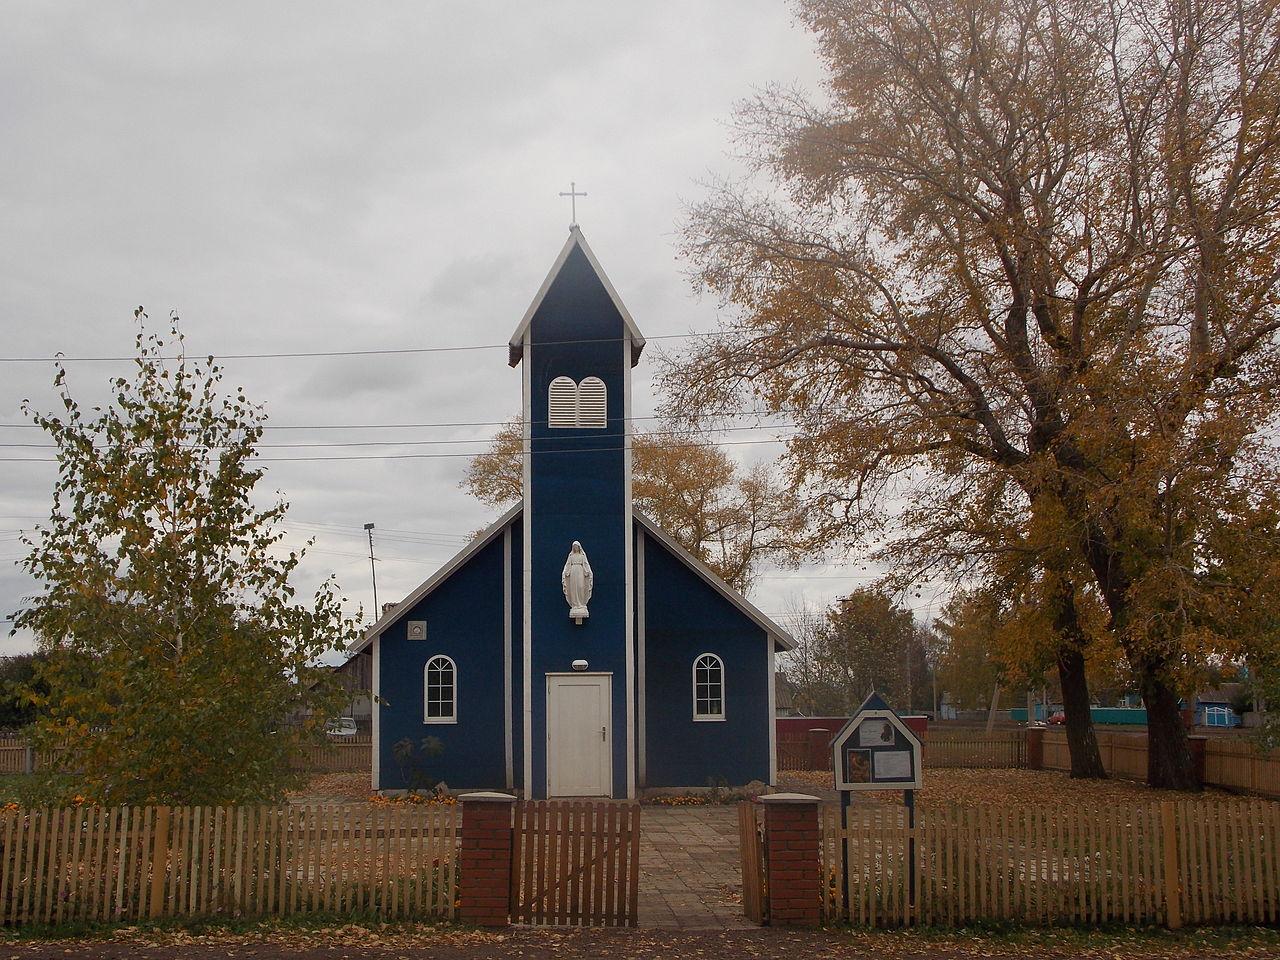 1280px-Церковь_в_Алексеевке_Благоварский_район